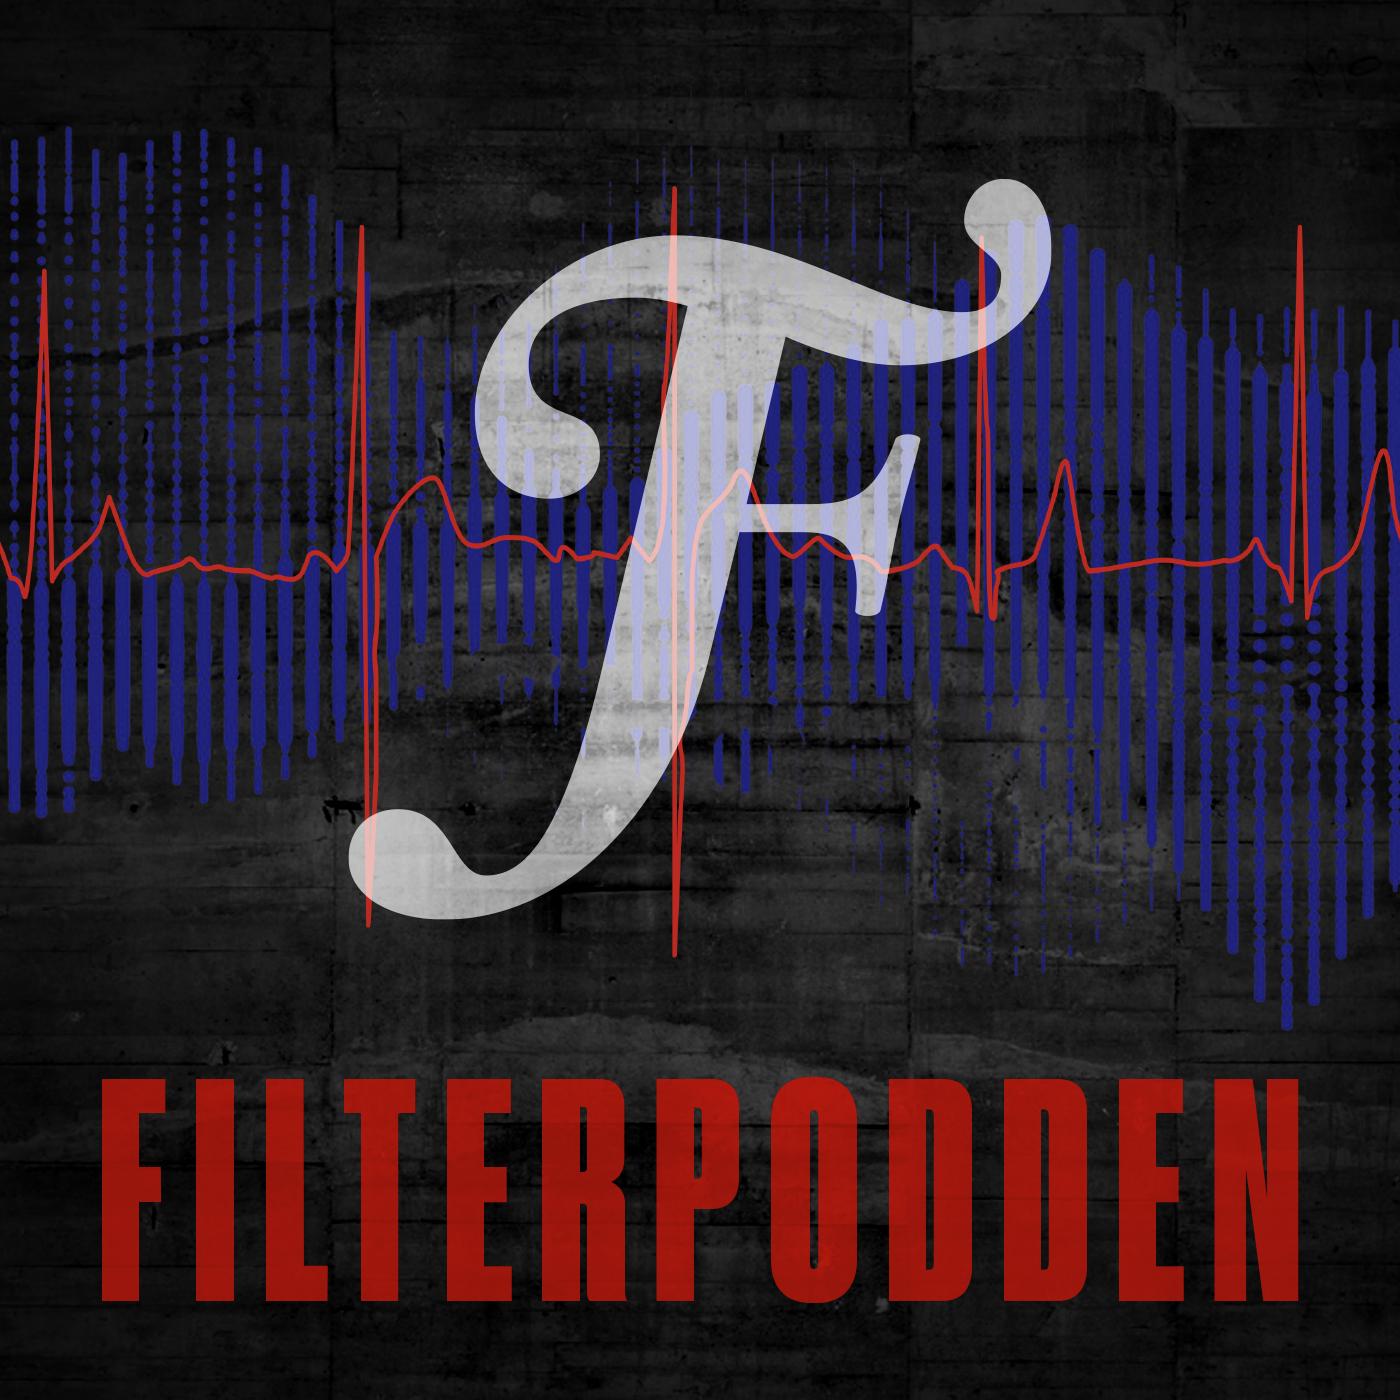 filterpodd